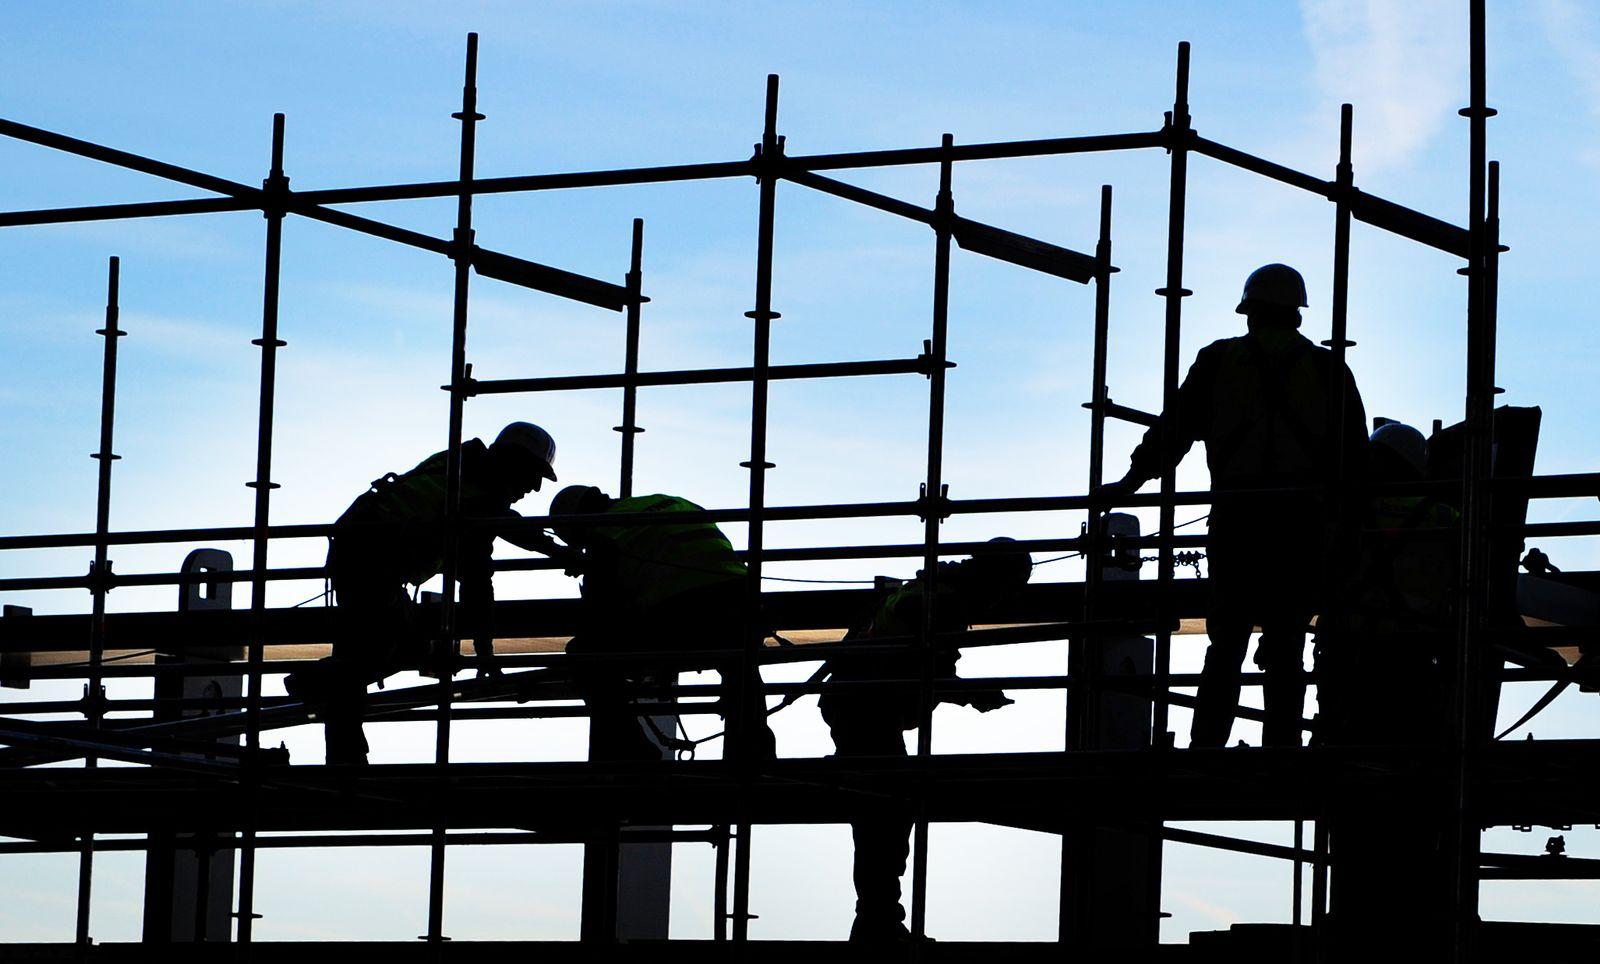 Deutschland / Konjunktur / Wirtschaft / Arbeiter schweißt / Arbeitsmarkt /Bauarbeiter